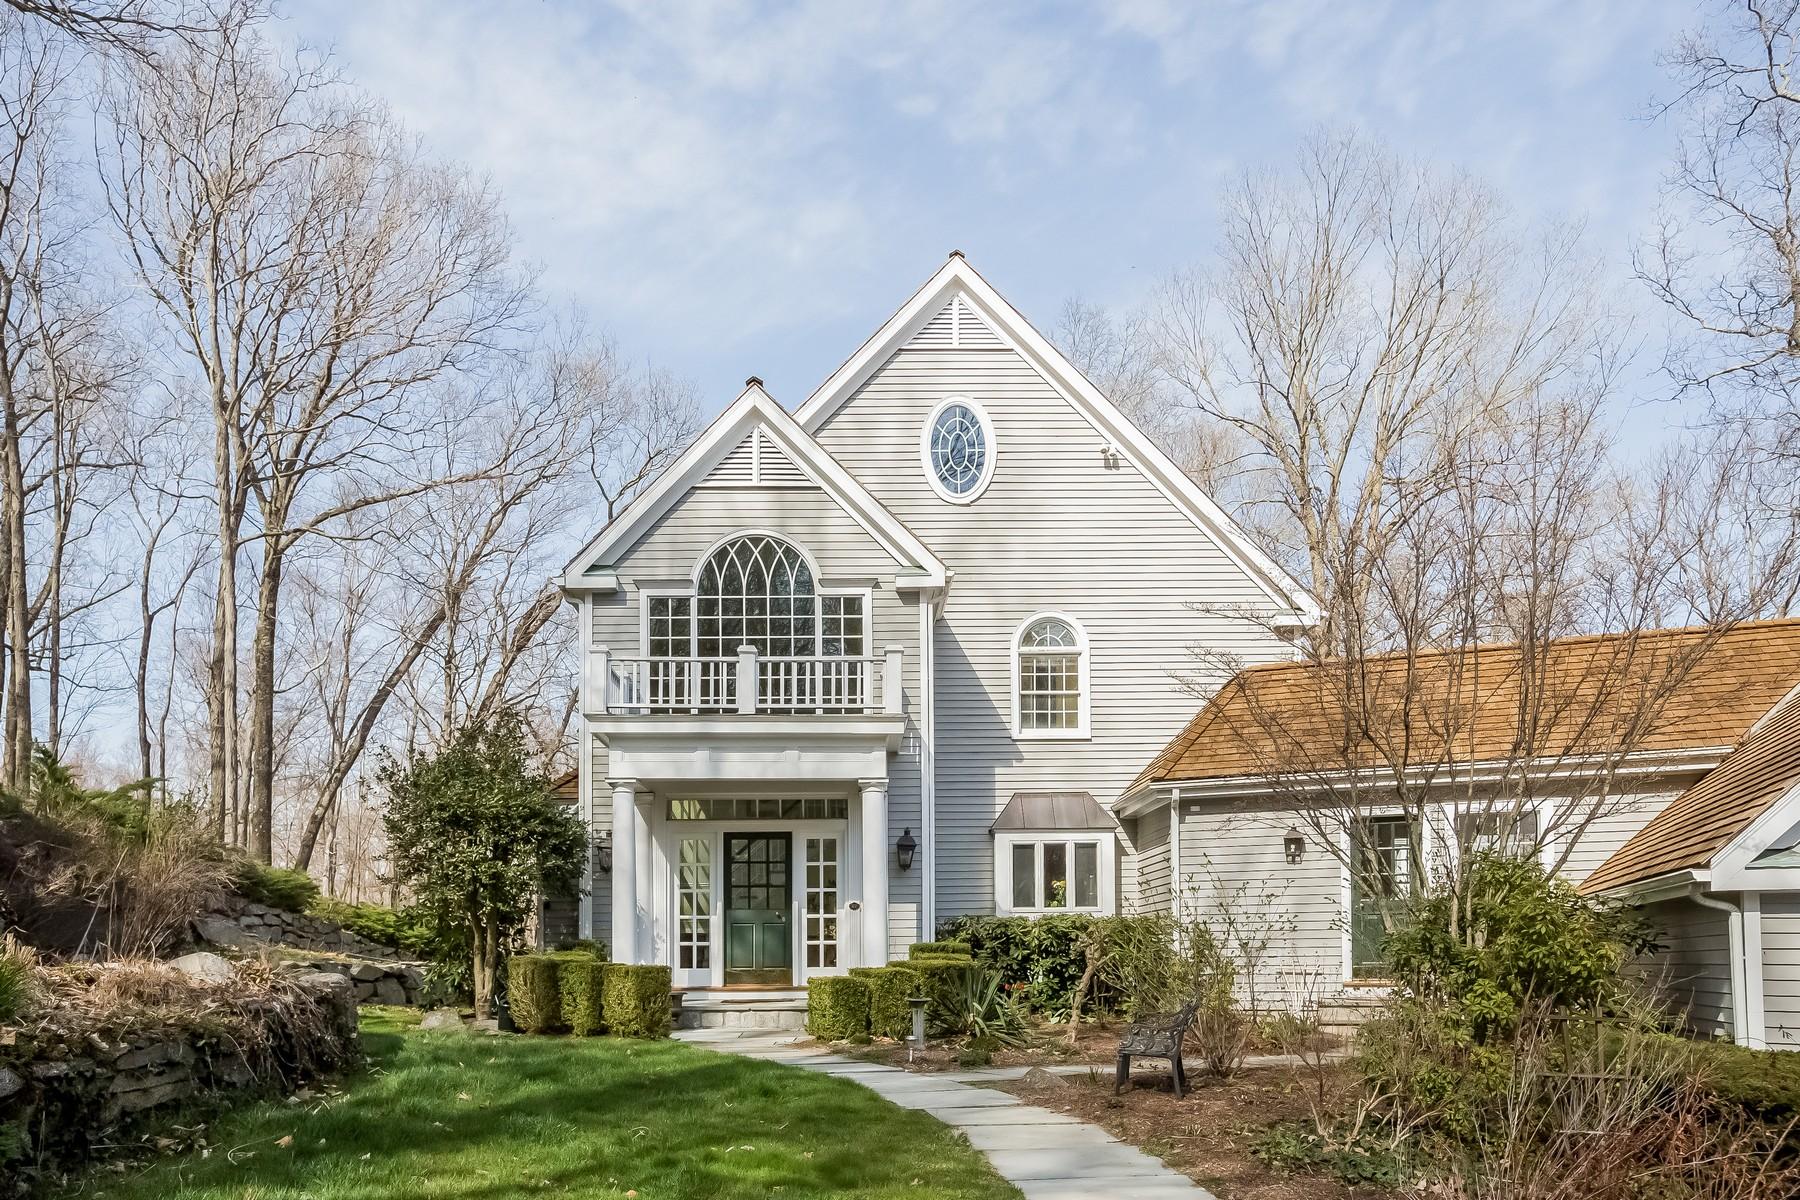 Casa para uma família para Venda às Intriguing Colonial with Reservoir Views 222 Nod Hill Road Wilton, Connecticut, 06897 Estados Unidos